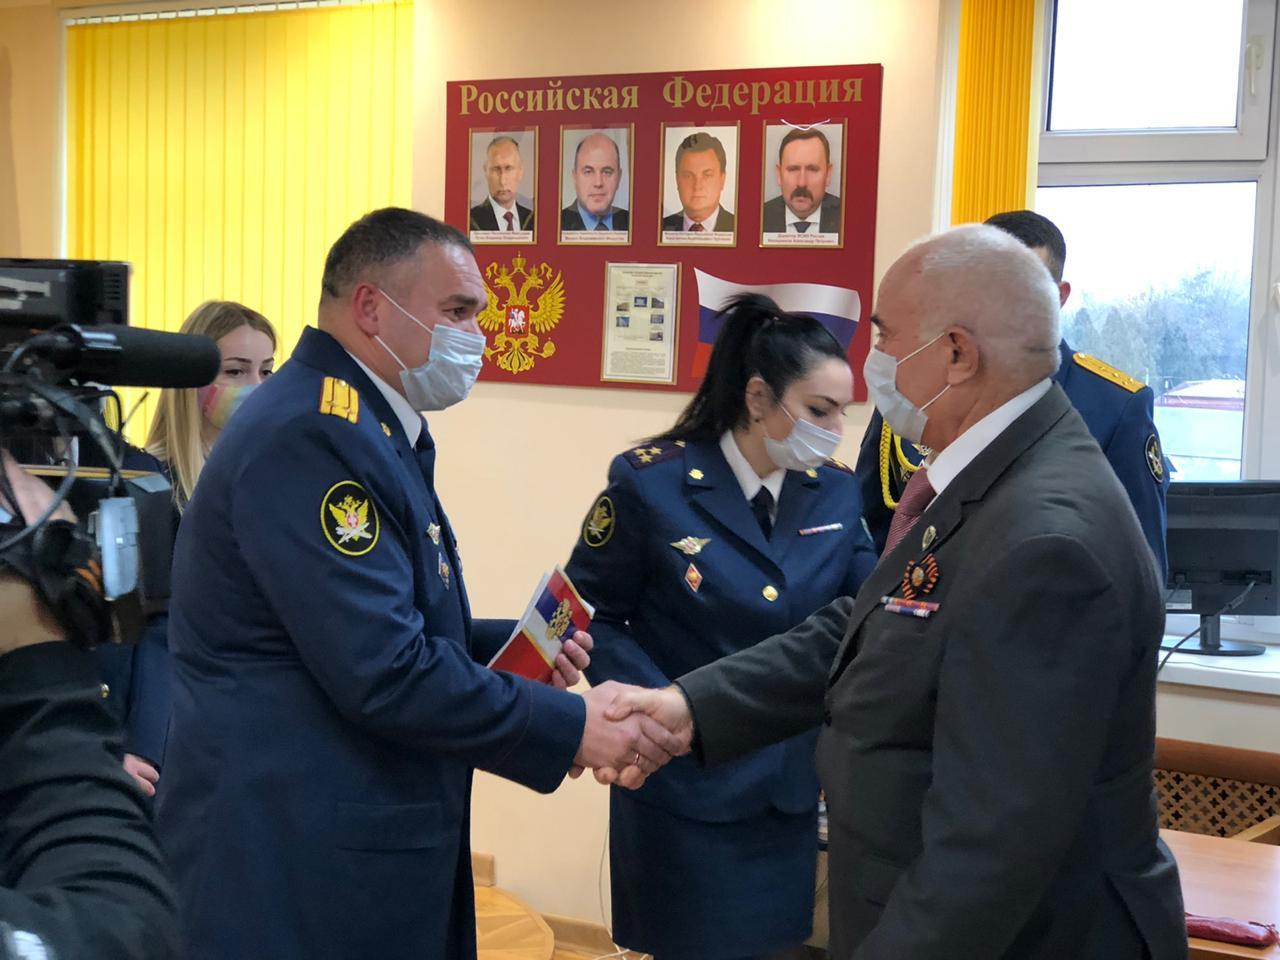 Руководство и сотрудники УФСИН по РСО-Алания поздравили своих ветеранов с